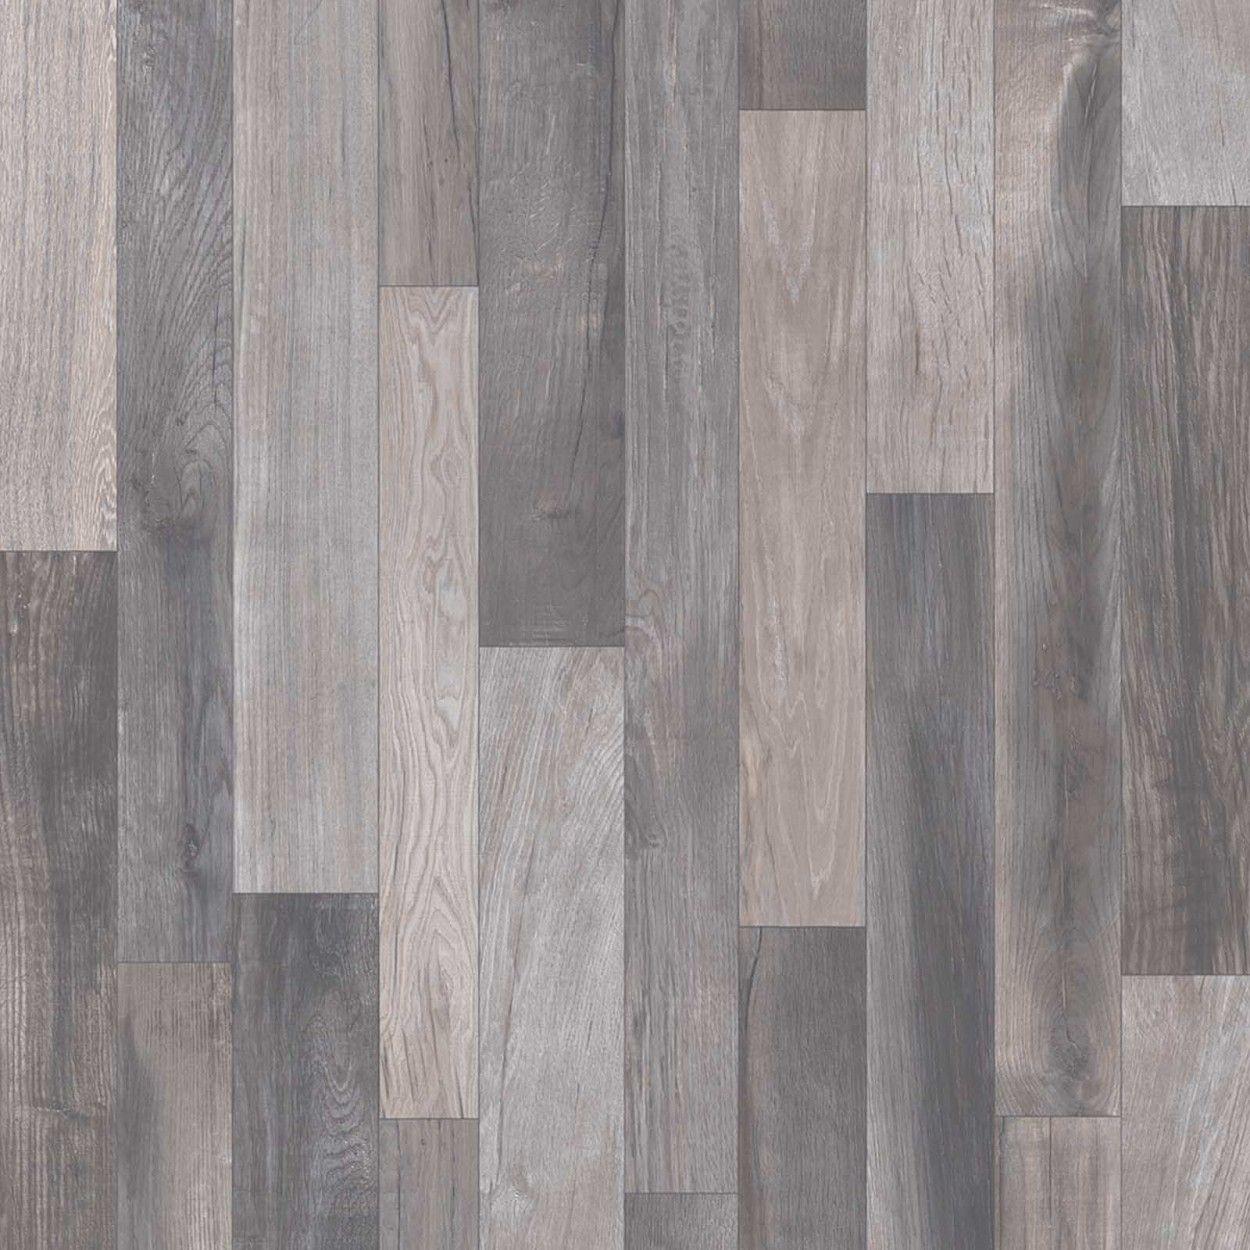 Sol vinyle imitation parquet gris patchwork  Grey laminate